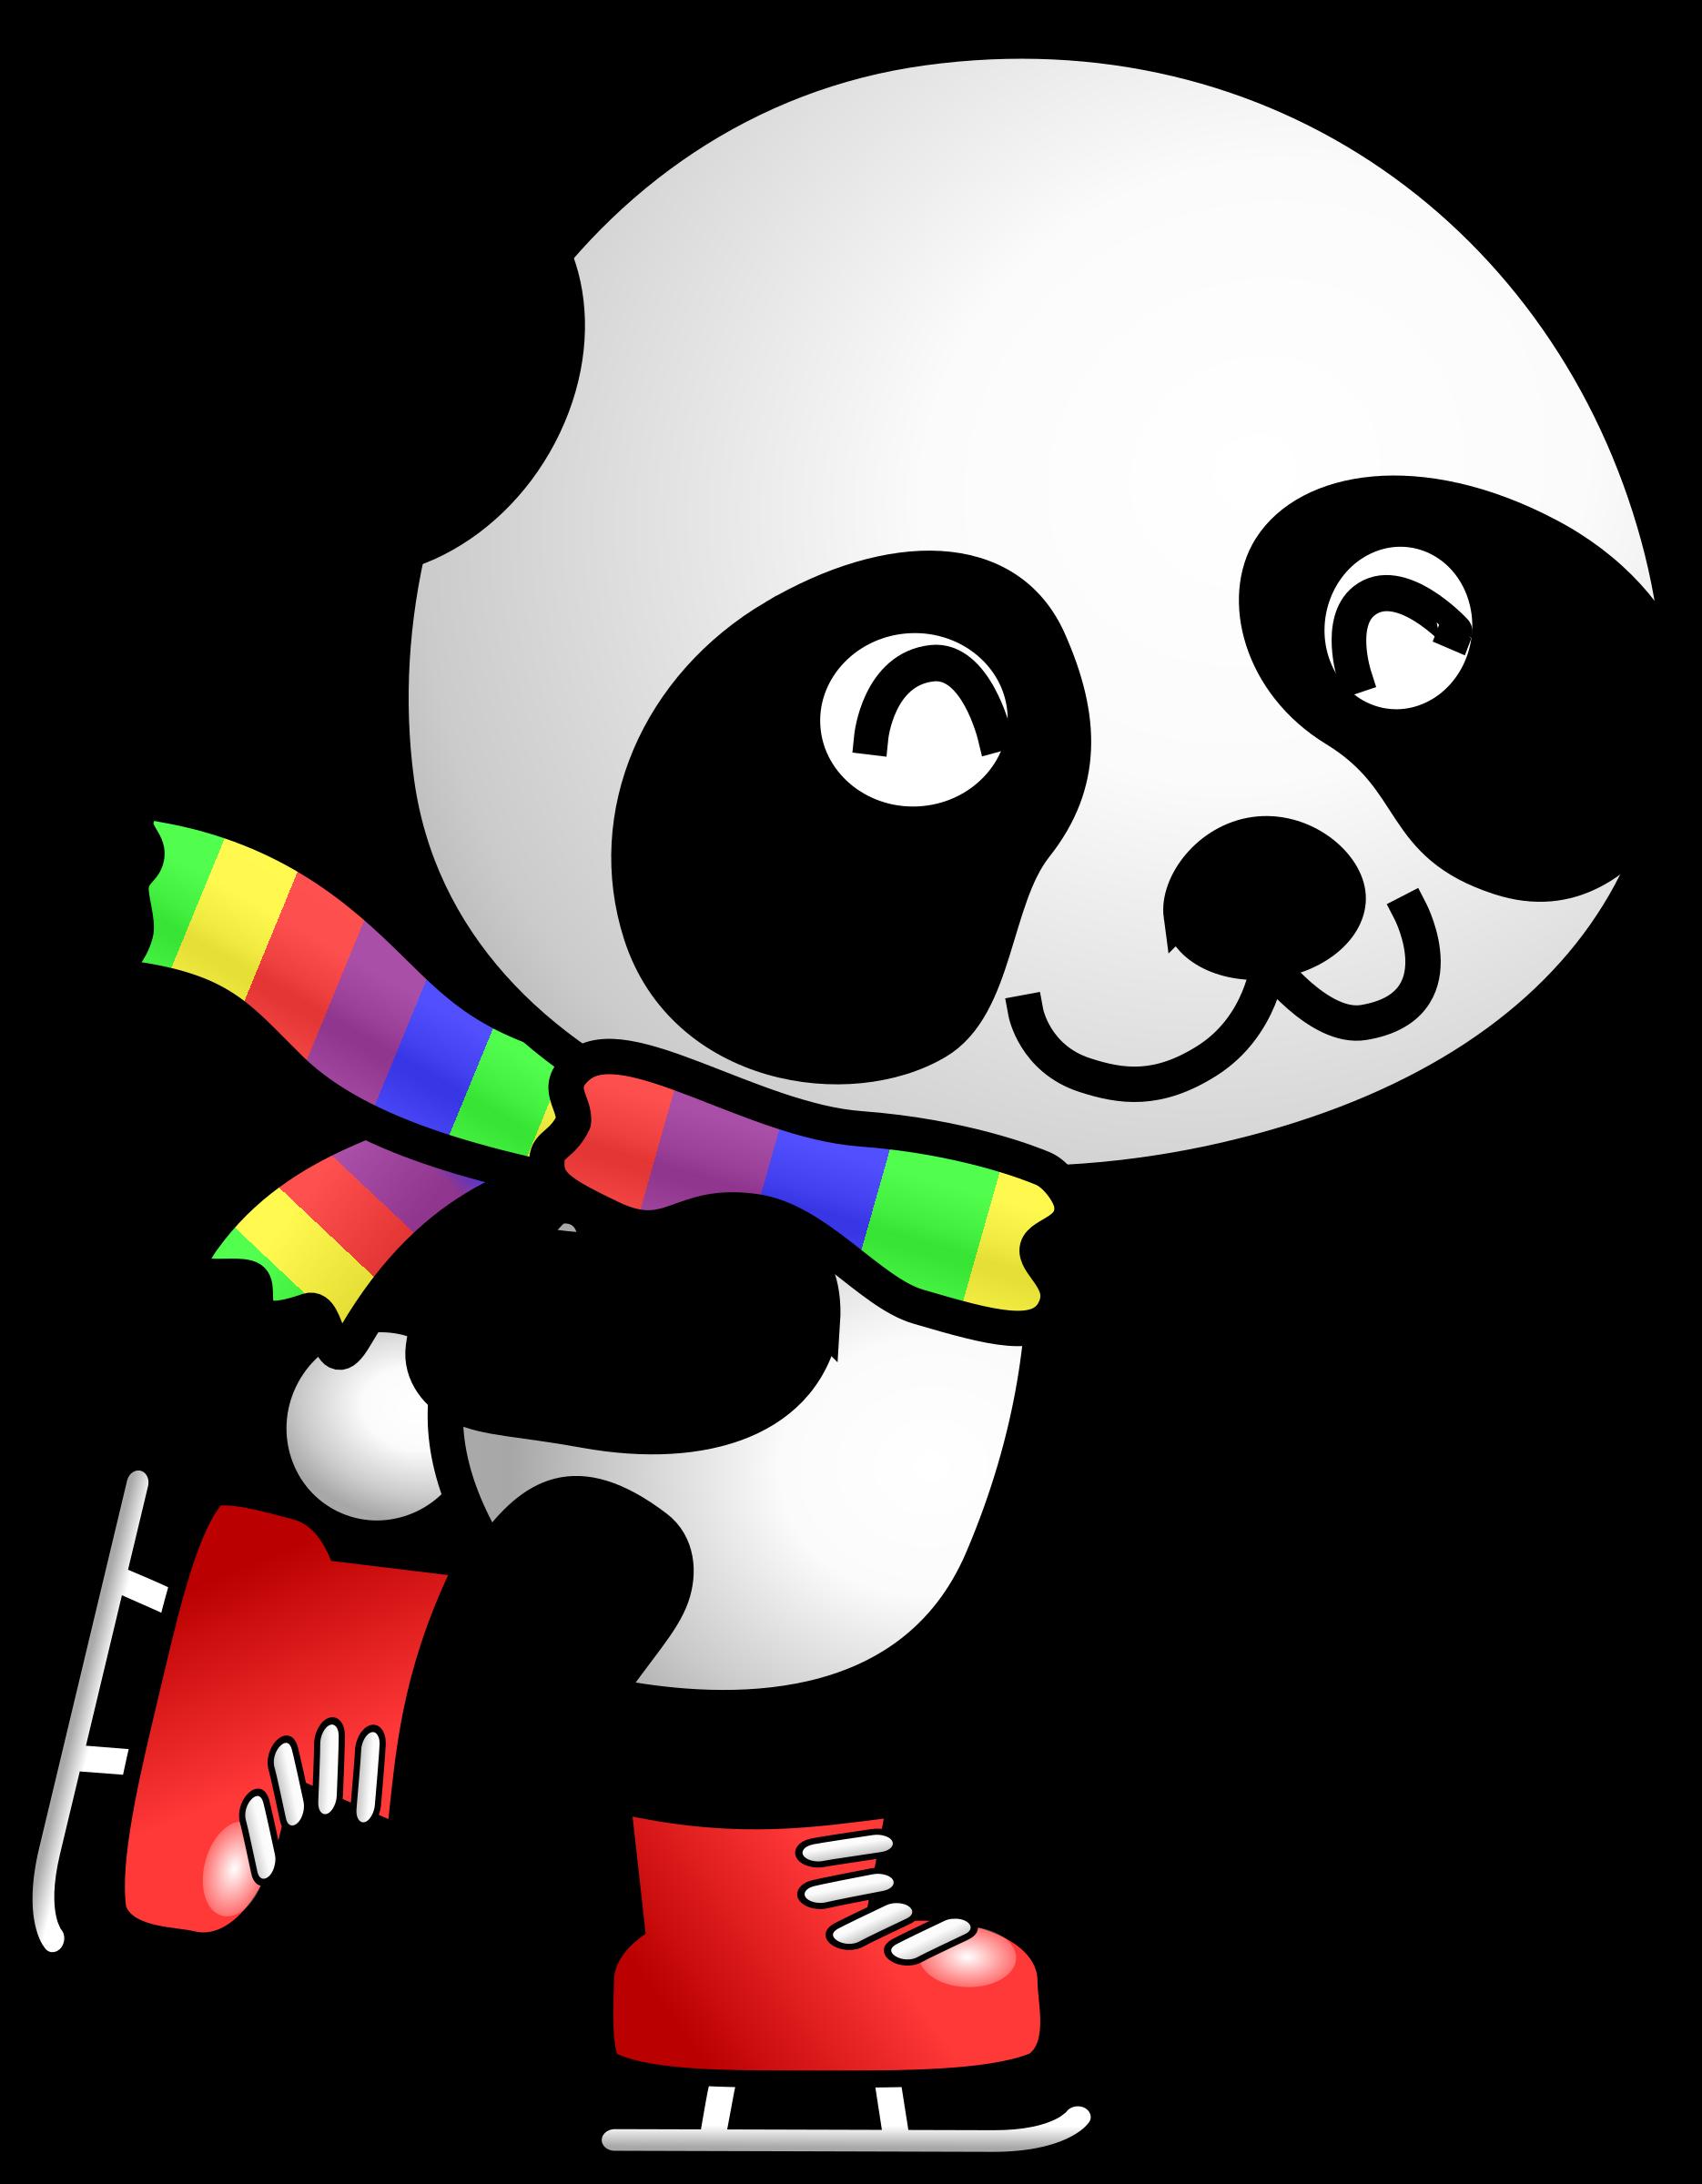 clip art royalty free library Skating clipart. Panda big image png.